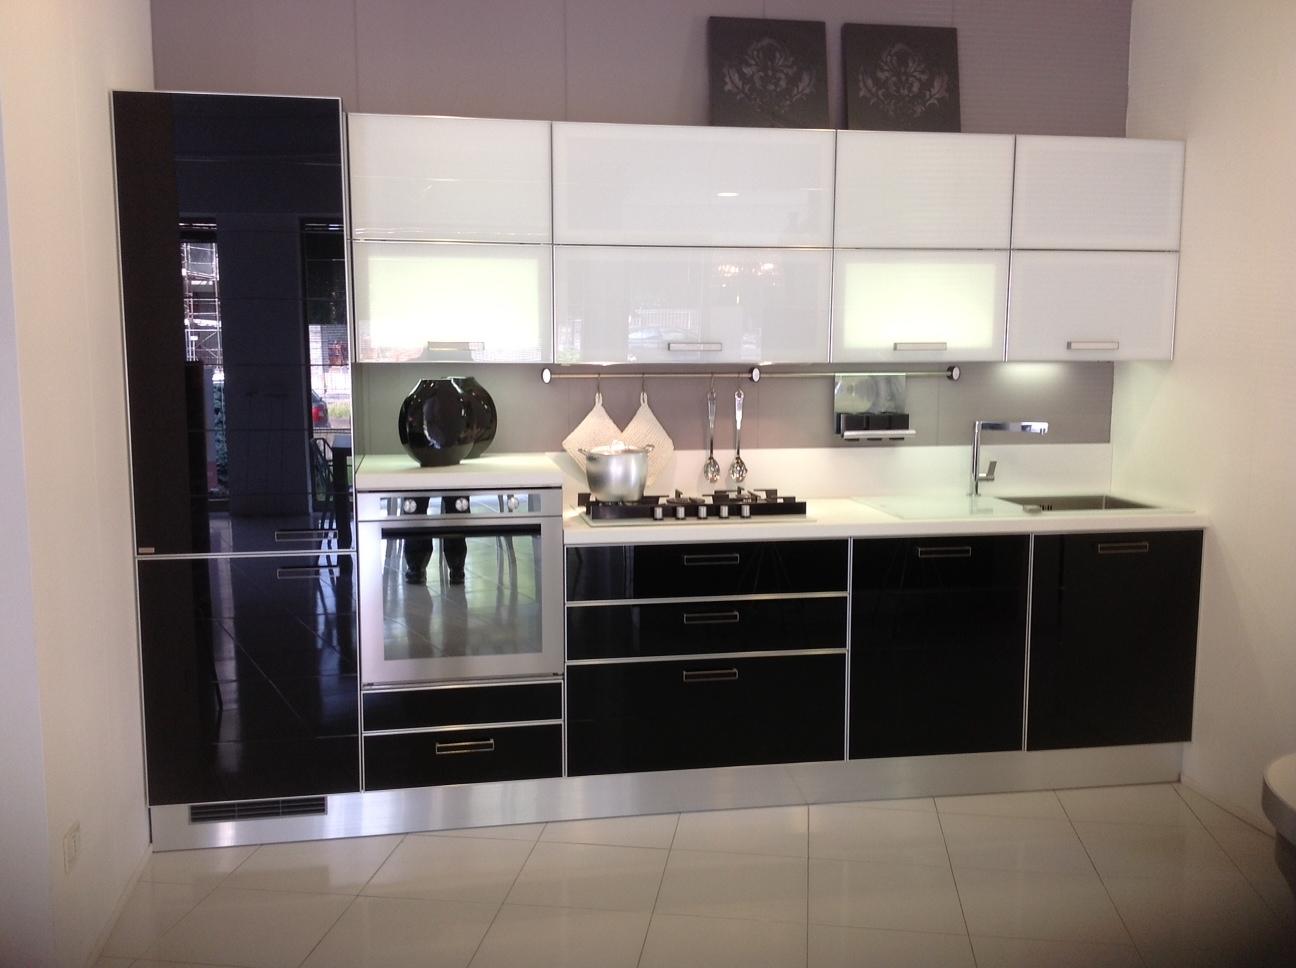 Scavolini crystal vetro cucine a prezzi scontati - Prezzo cucine scavolini ...